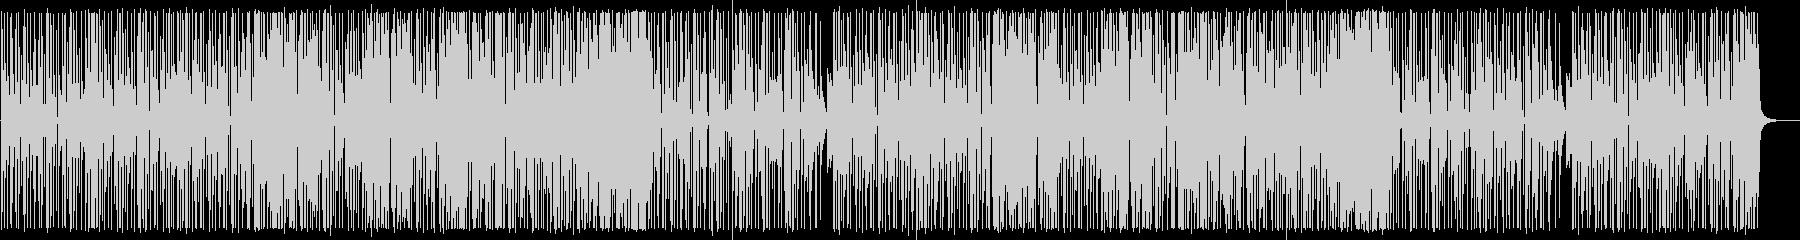 YouTube サックス・ファンクの未再生の波形